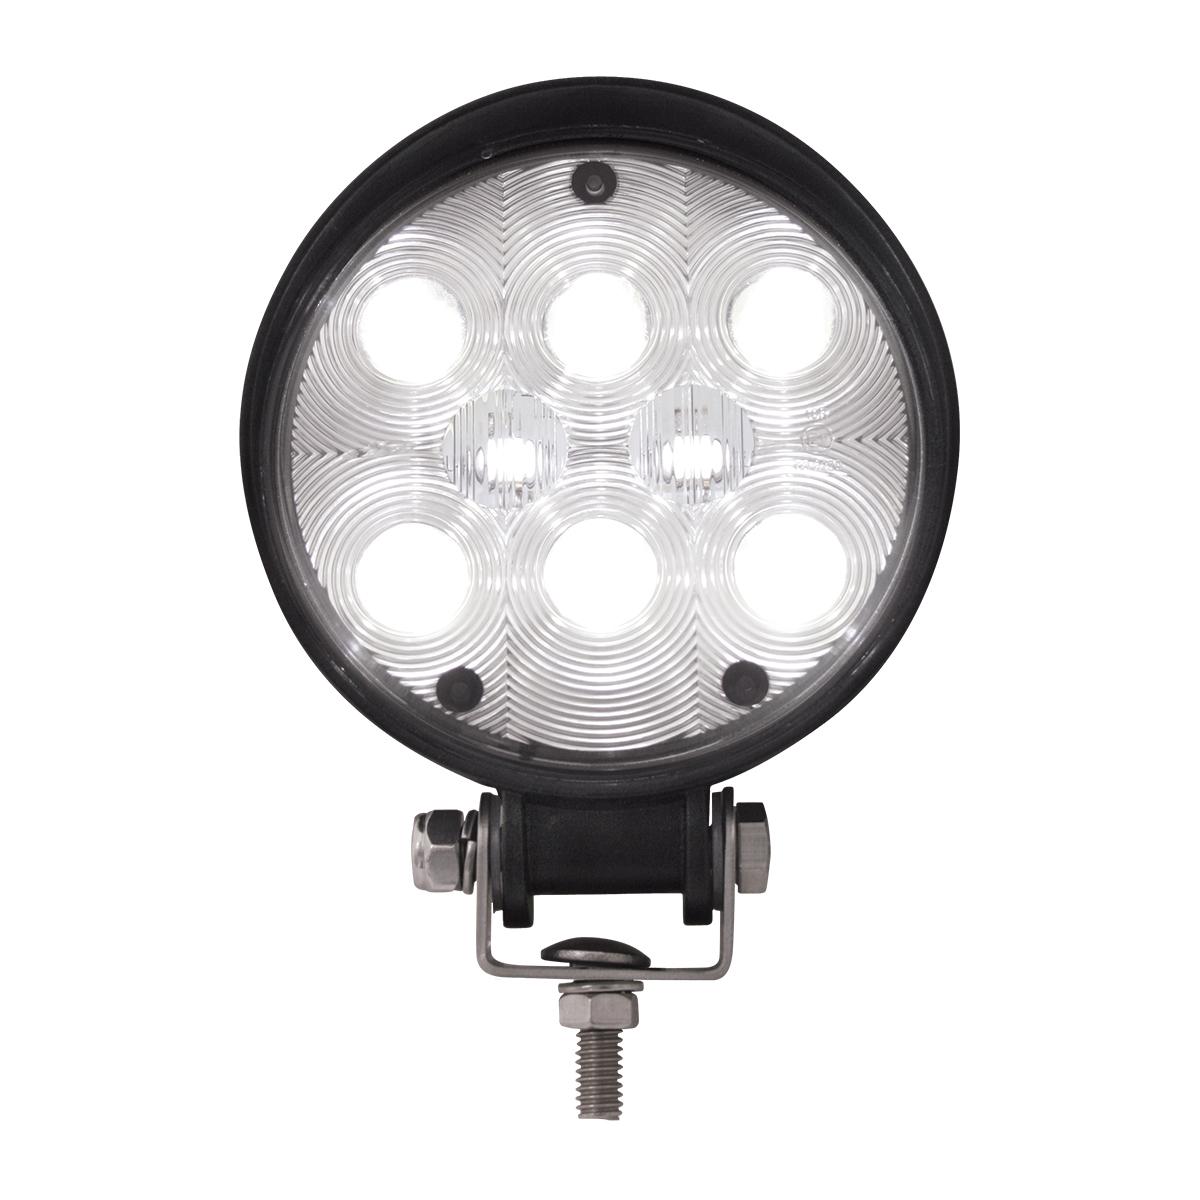 Round 8 LED WORK LIGHT  High intensity White LED Truck